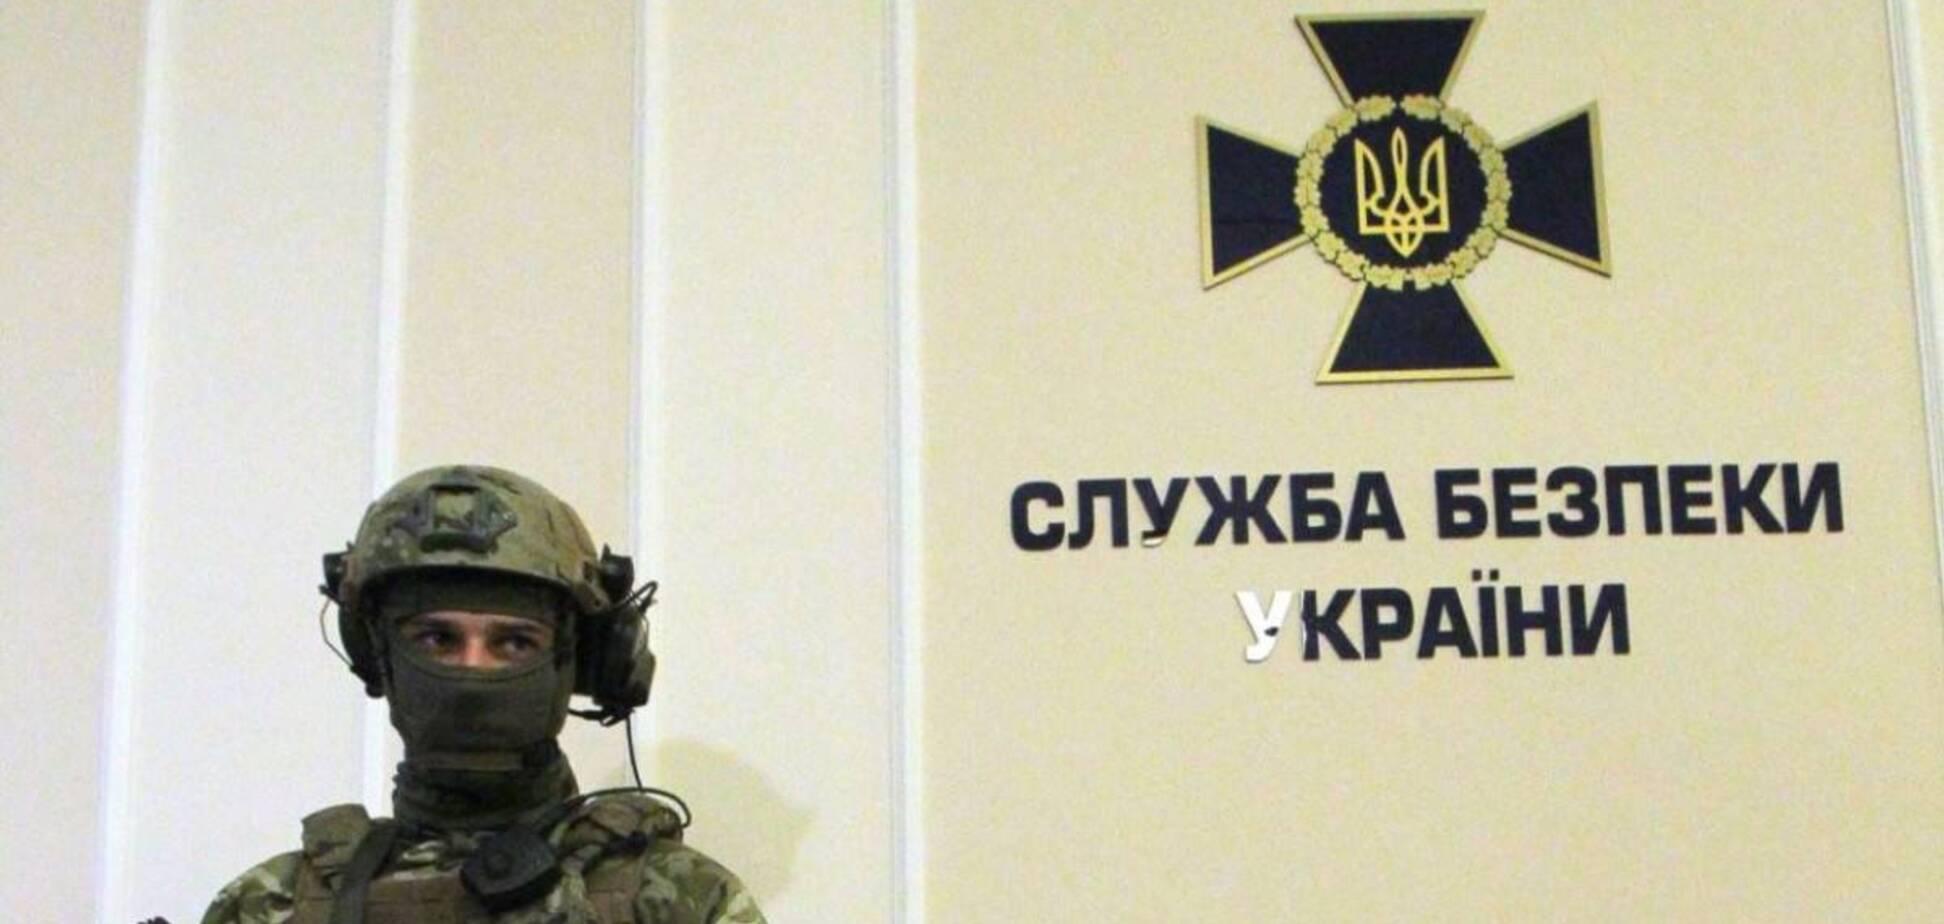 В СБУ повідомили про перенесення засідання щодо реформи служби